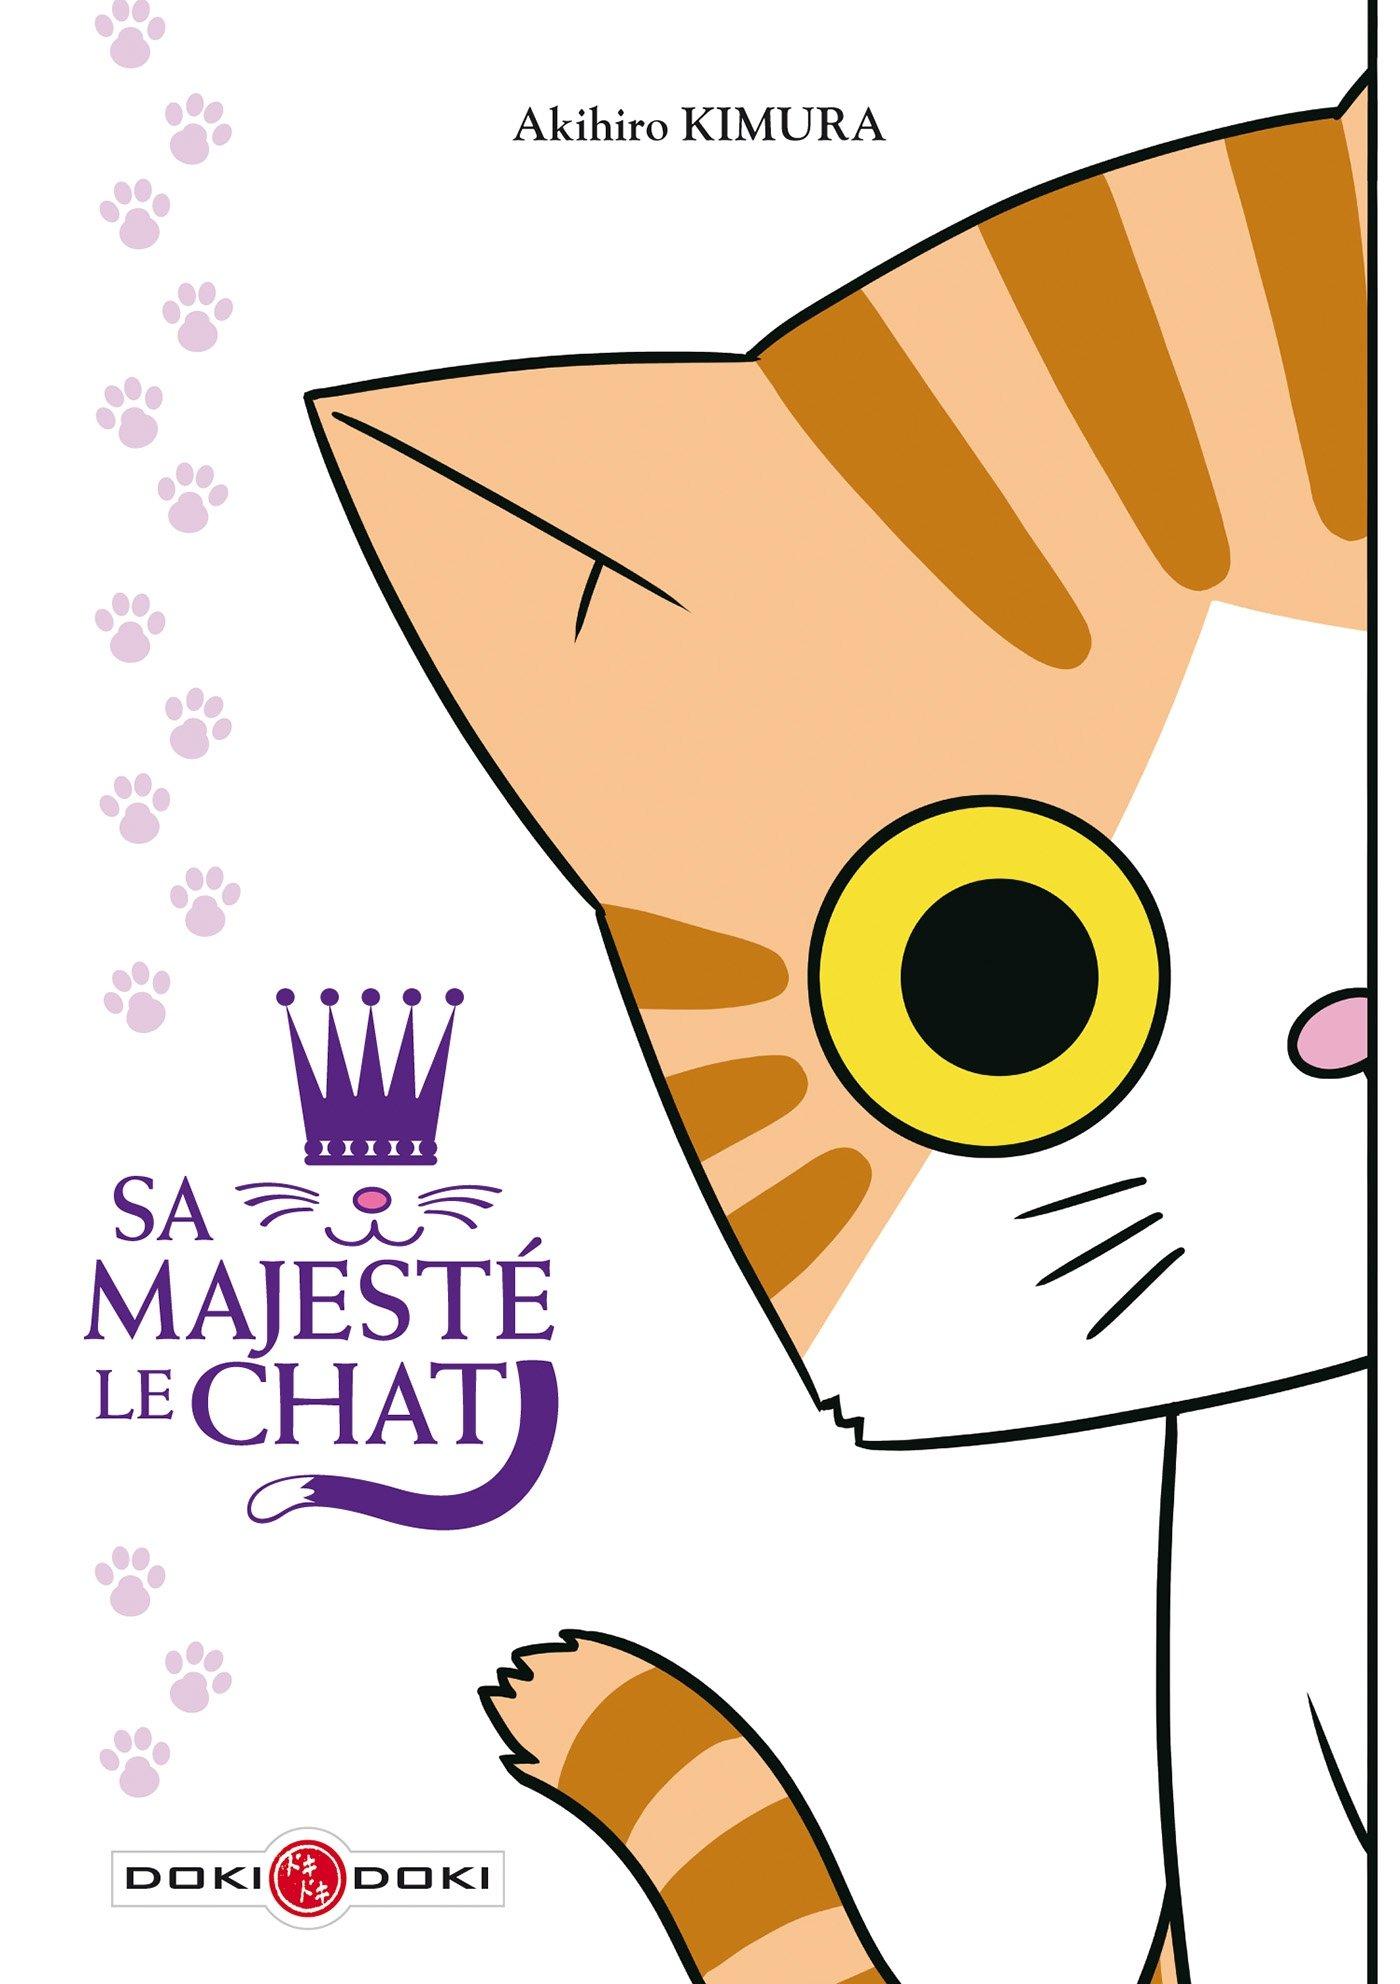 Sa majesté le chat 1